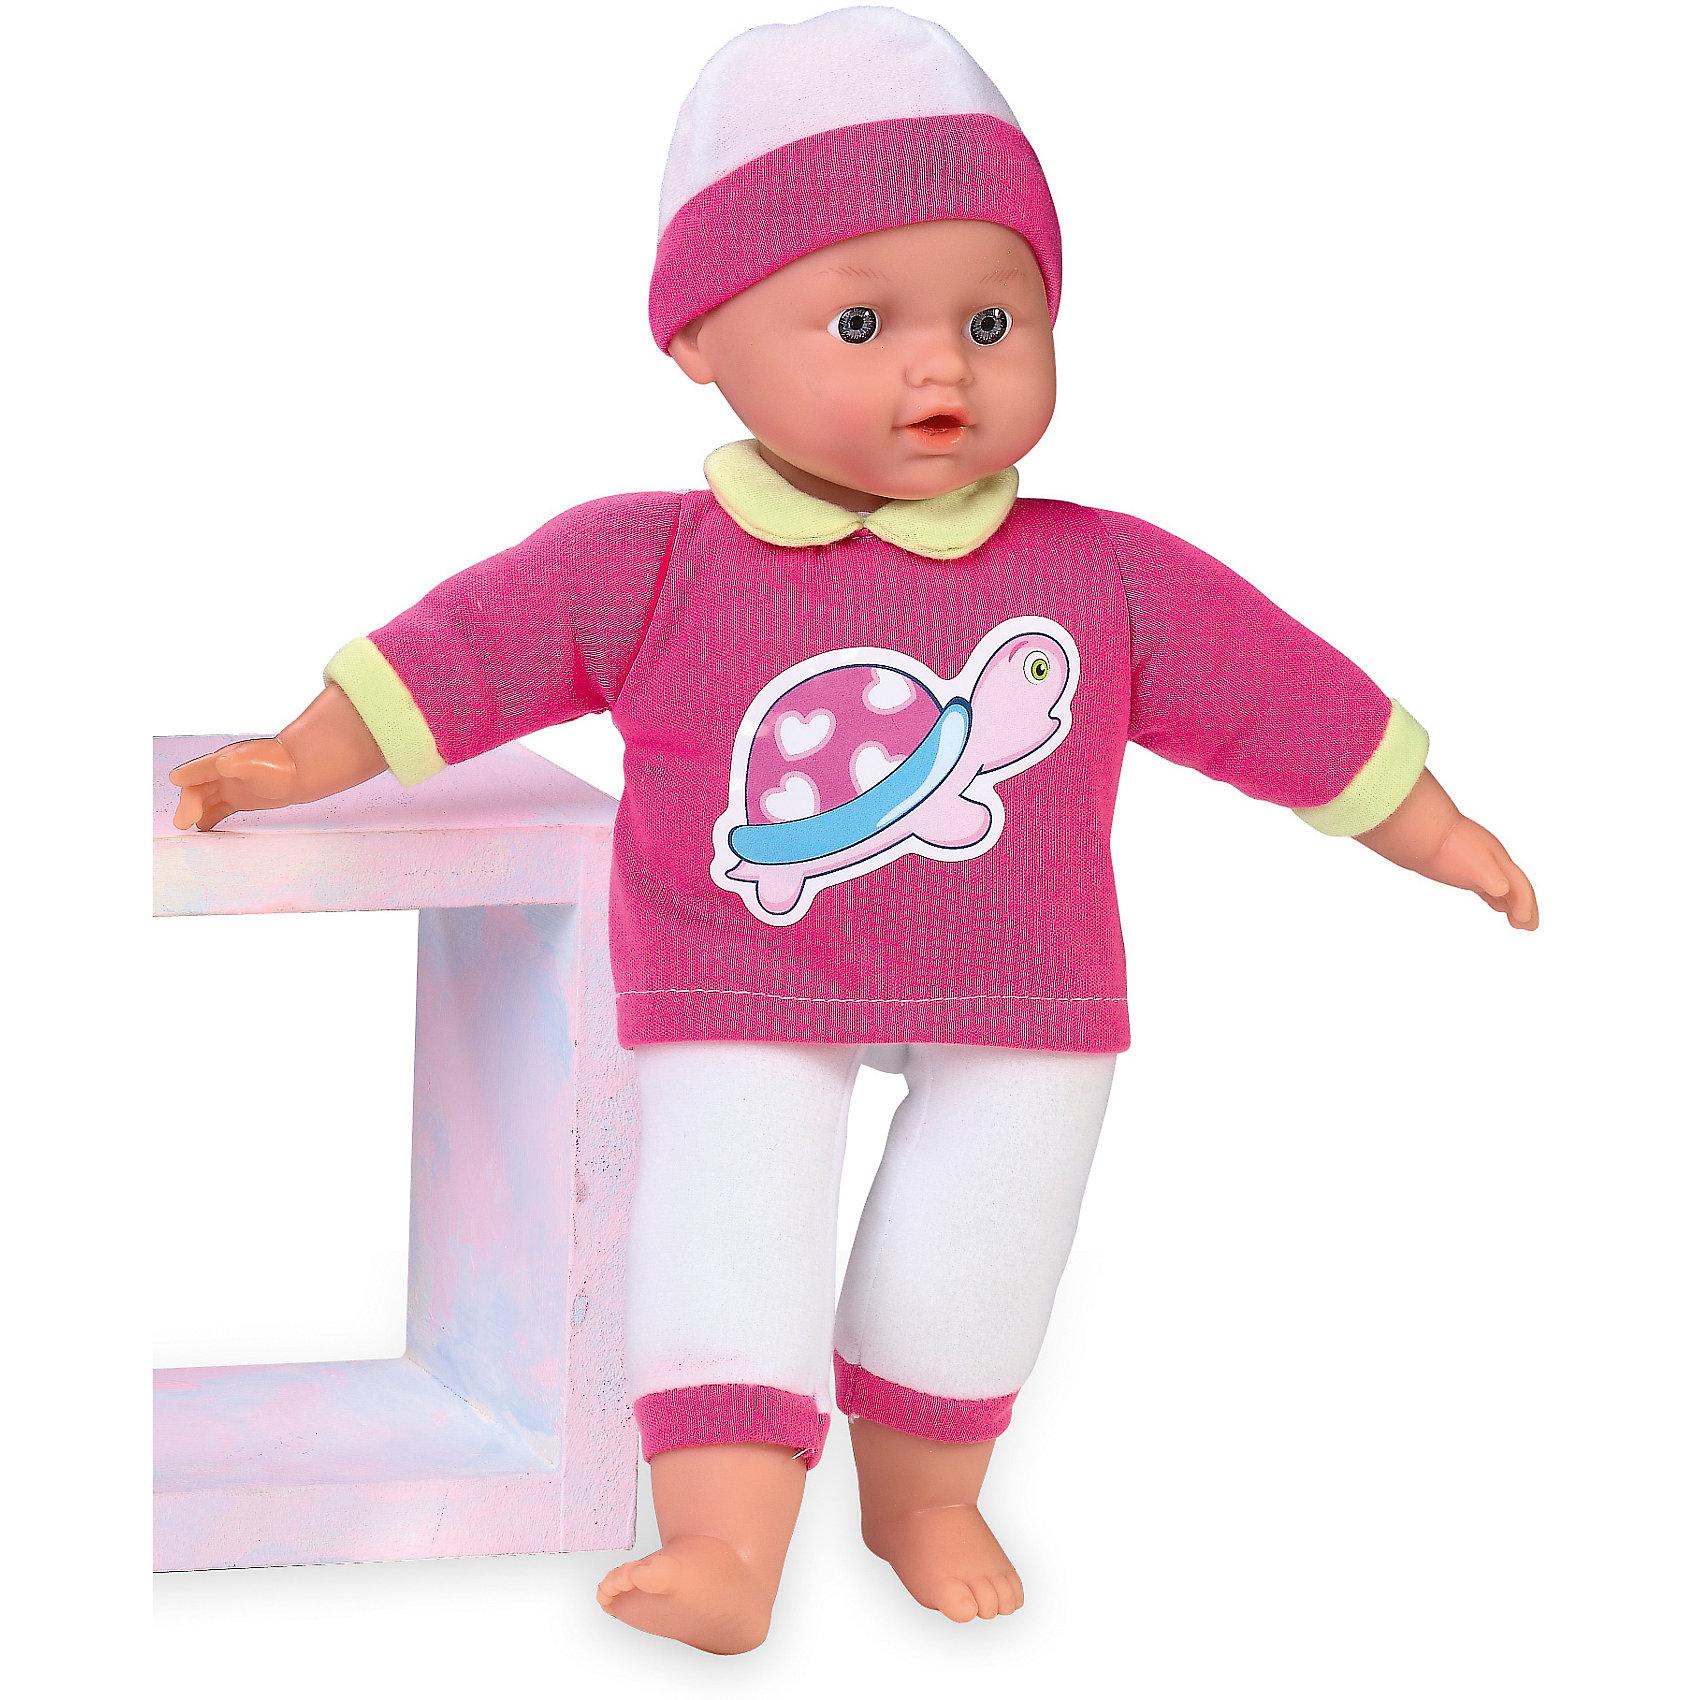 Кукла Tiny Baby, плачет, Loko ToysКуклы-пупсы<br>Характеристики товара:<br><br>• возраст: от 10 месяцев;<br>• материал: пластик, текстиль, ПВХ;<br>• в комплекте: кукла, футболка, фигурка медвежонка;<br>• высота куклы: 30 см;<br>• тип батареек: 3 батарейки LR44;<br>• наличие батареек: в комплекте;<br>• размер упаковки: 32х19х9,5 см;<br>• вес упаковки: 430 гр.;<br>• страна производитель: Китай;<br>• товар представлен в ассортименте, нет возможности выбрать конкретную расцветку.<br><br>Кукла «Tiny Baby» Loko Toys одета в мягкий уютный костюмчик и шапочку. Игра с куклой привьет девочке любовь, чувство ответственности, заботы и помощи окружающим. Нажав на животик, кукла начнет плакать, а маленькая заботливая мама может покачать пупса и успокоить.<br><br>Куклу «Tiny Baby» Loko Toys можно приобрести в нашем интернет-магазине.<br><br>Ширина мм: 190<br>Глубина мм: 95<br>Высота мм: 320<br>Вес г: 430<br>Возраст от месяцев: 10<br>Возраст до месяцев: 2147483647<br>Пол: Женский<br>Возраст: Детский<br>SKU: 6759064